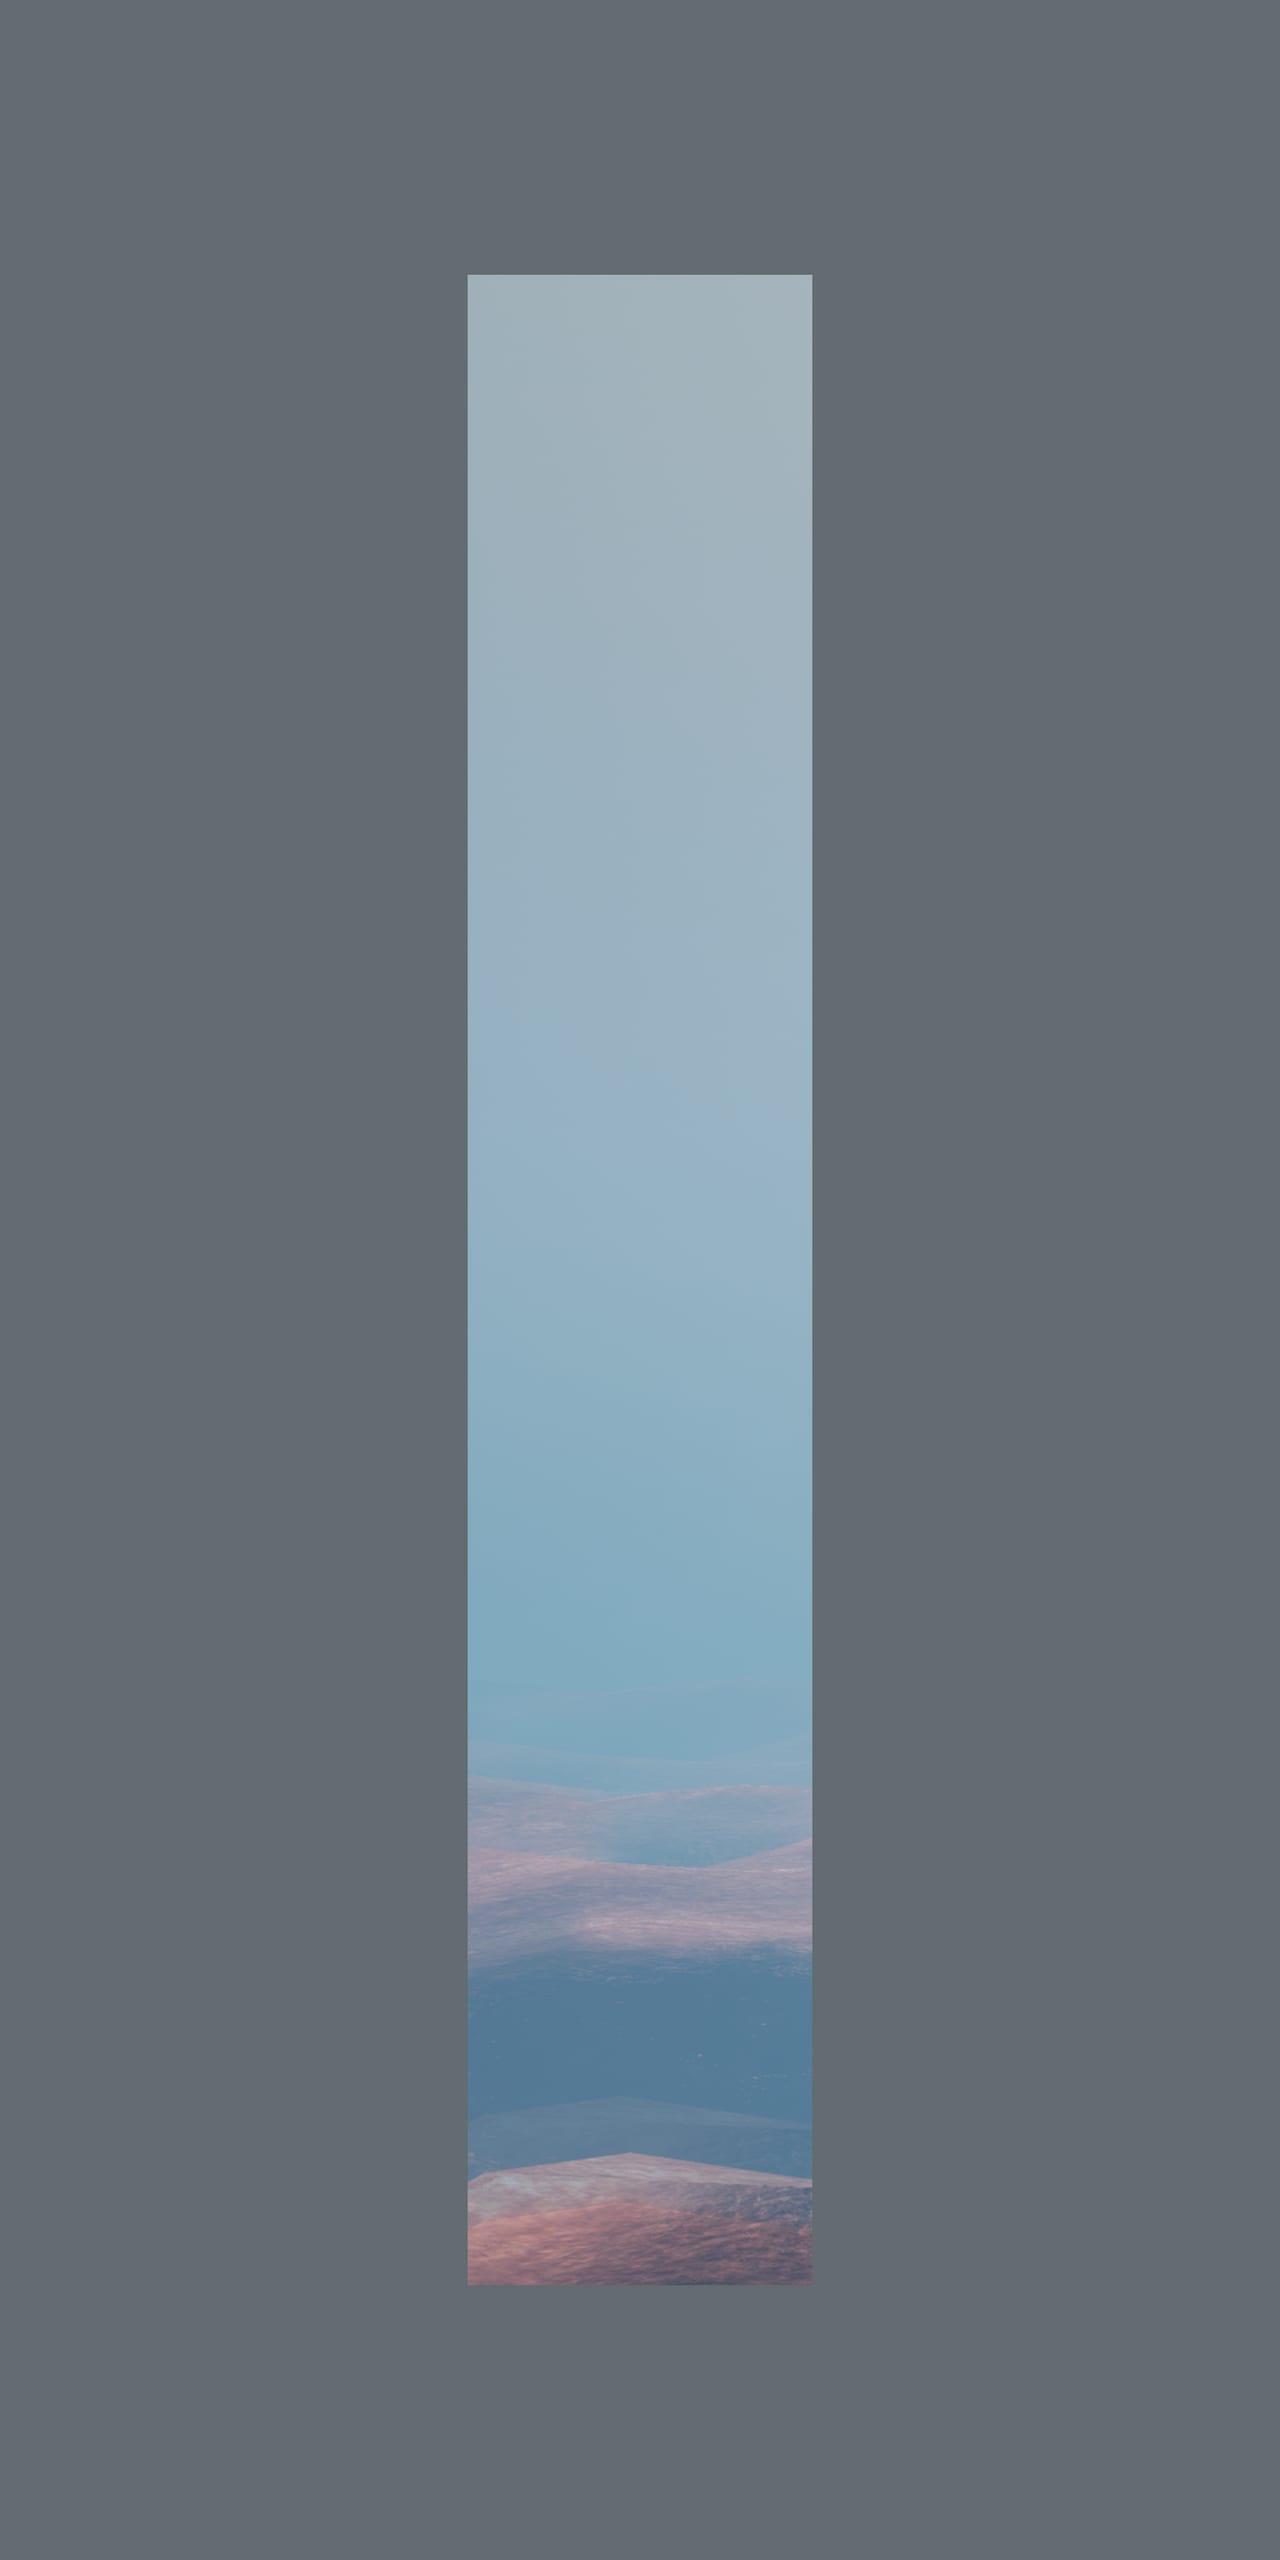 ΔΕΥΤΕΡΑ_ΠΡΩΙ[DT27012020_HRS8_GTM3].3 / MONDAY_MORNING[DT27012020_HRS8_GTM3].3